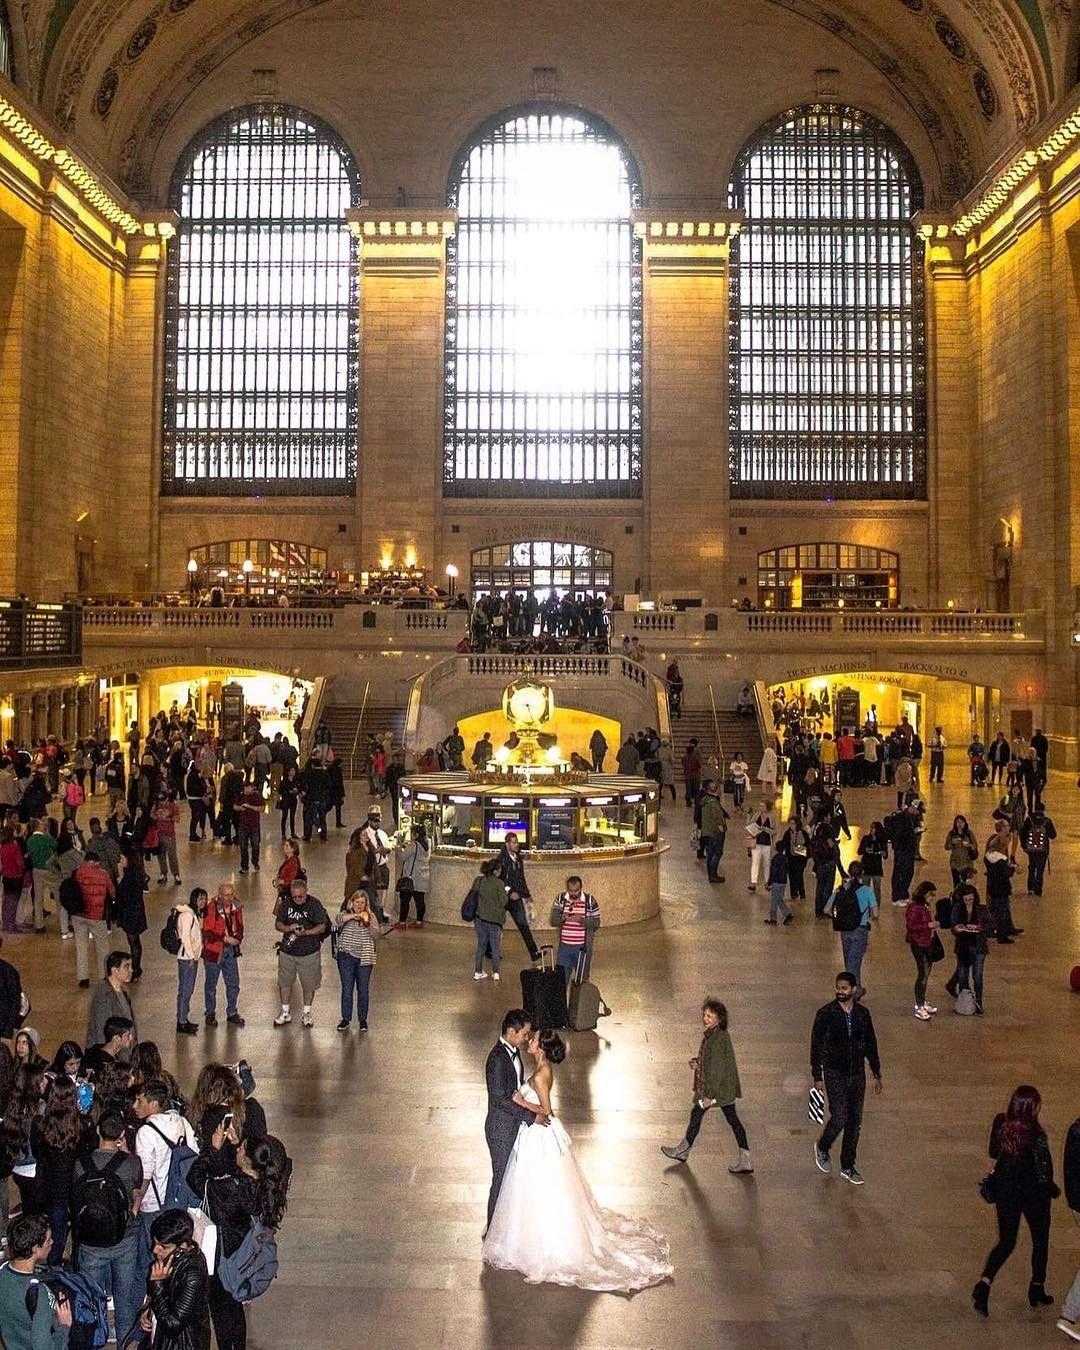 """4,066 tykkäystä, 99 kommenttia - Kelly Kopp (@newyorkcitykopp) Instagramissa: """"Grand Central ✨ 👰🏻🤵🏻 @snapping_newyork Thank you for featuring my photo!!…"""""""